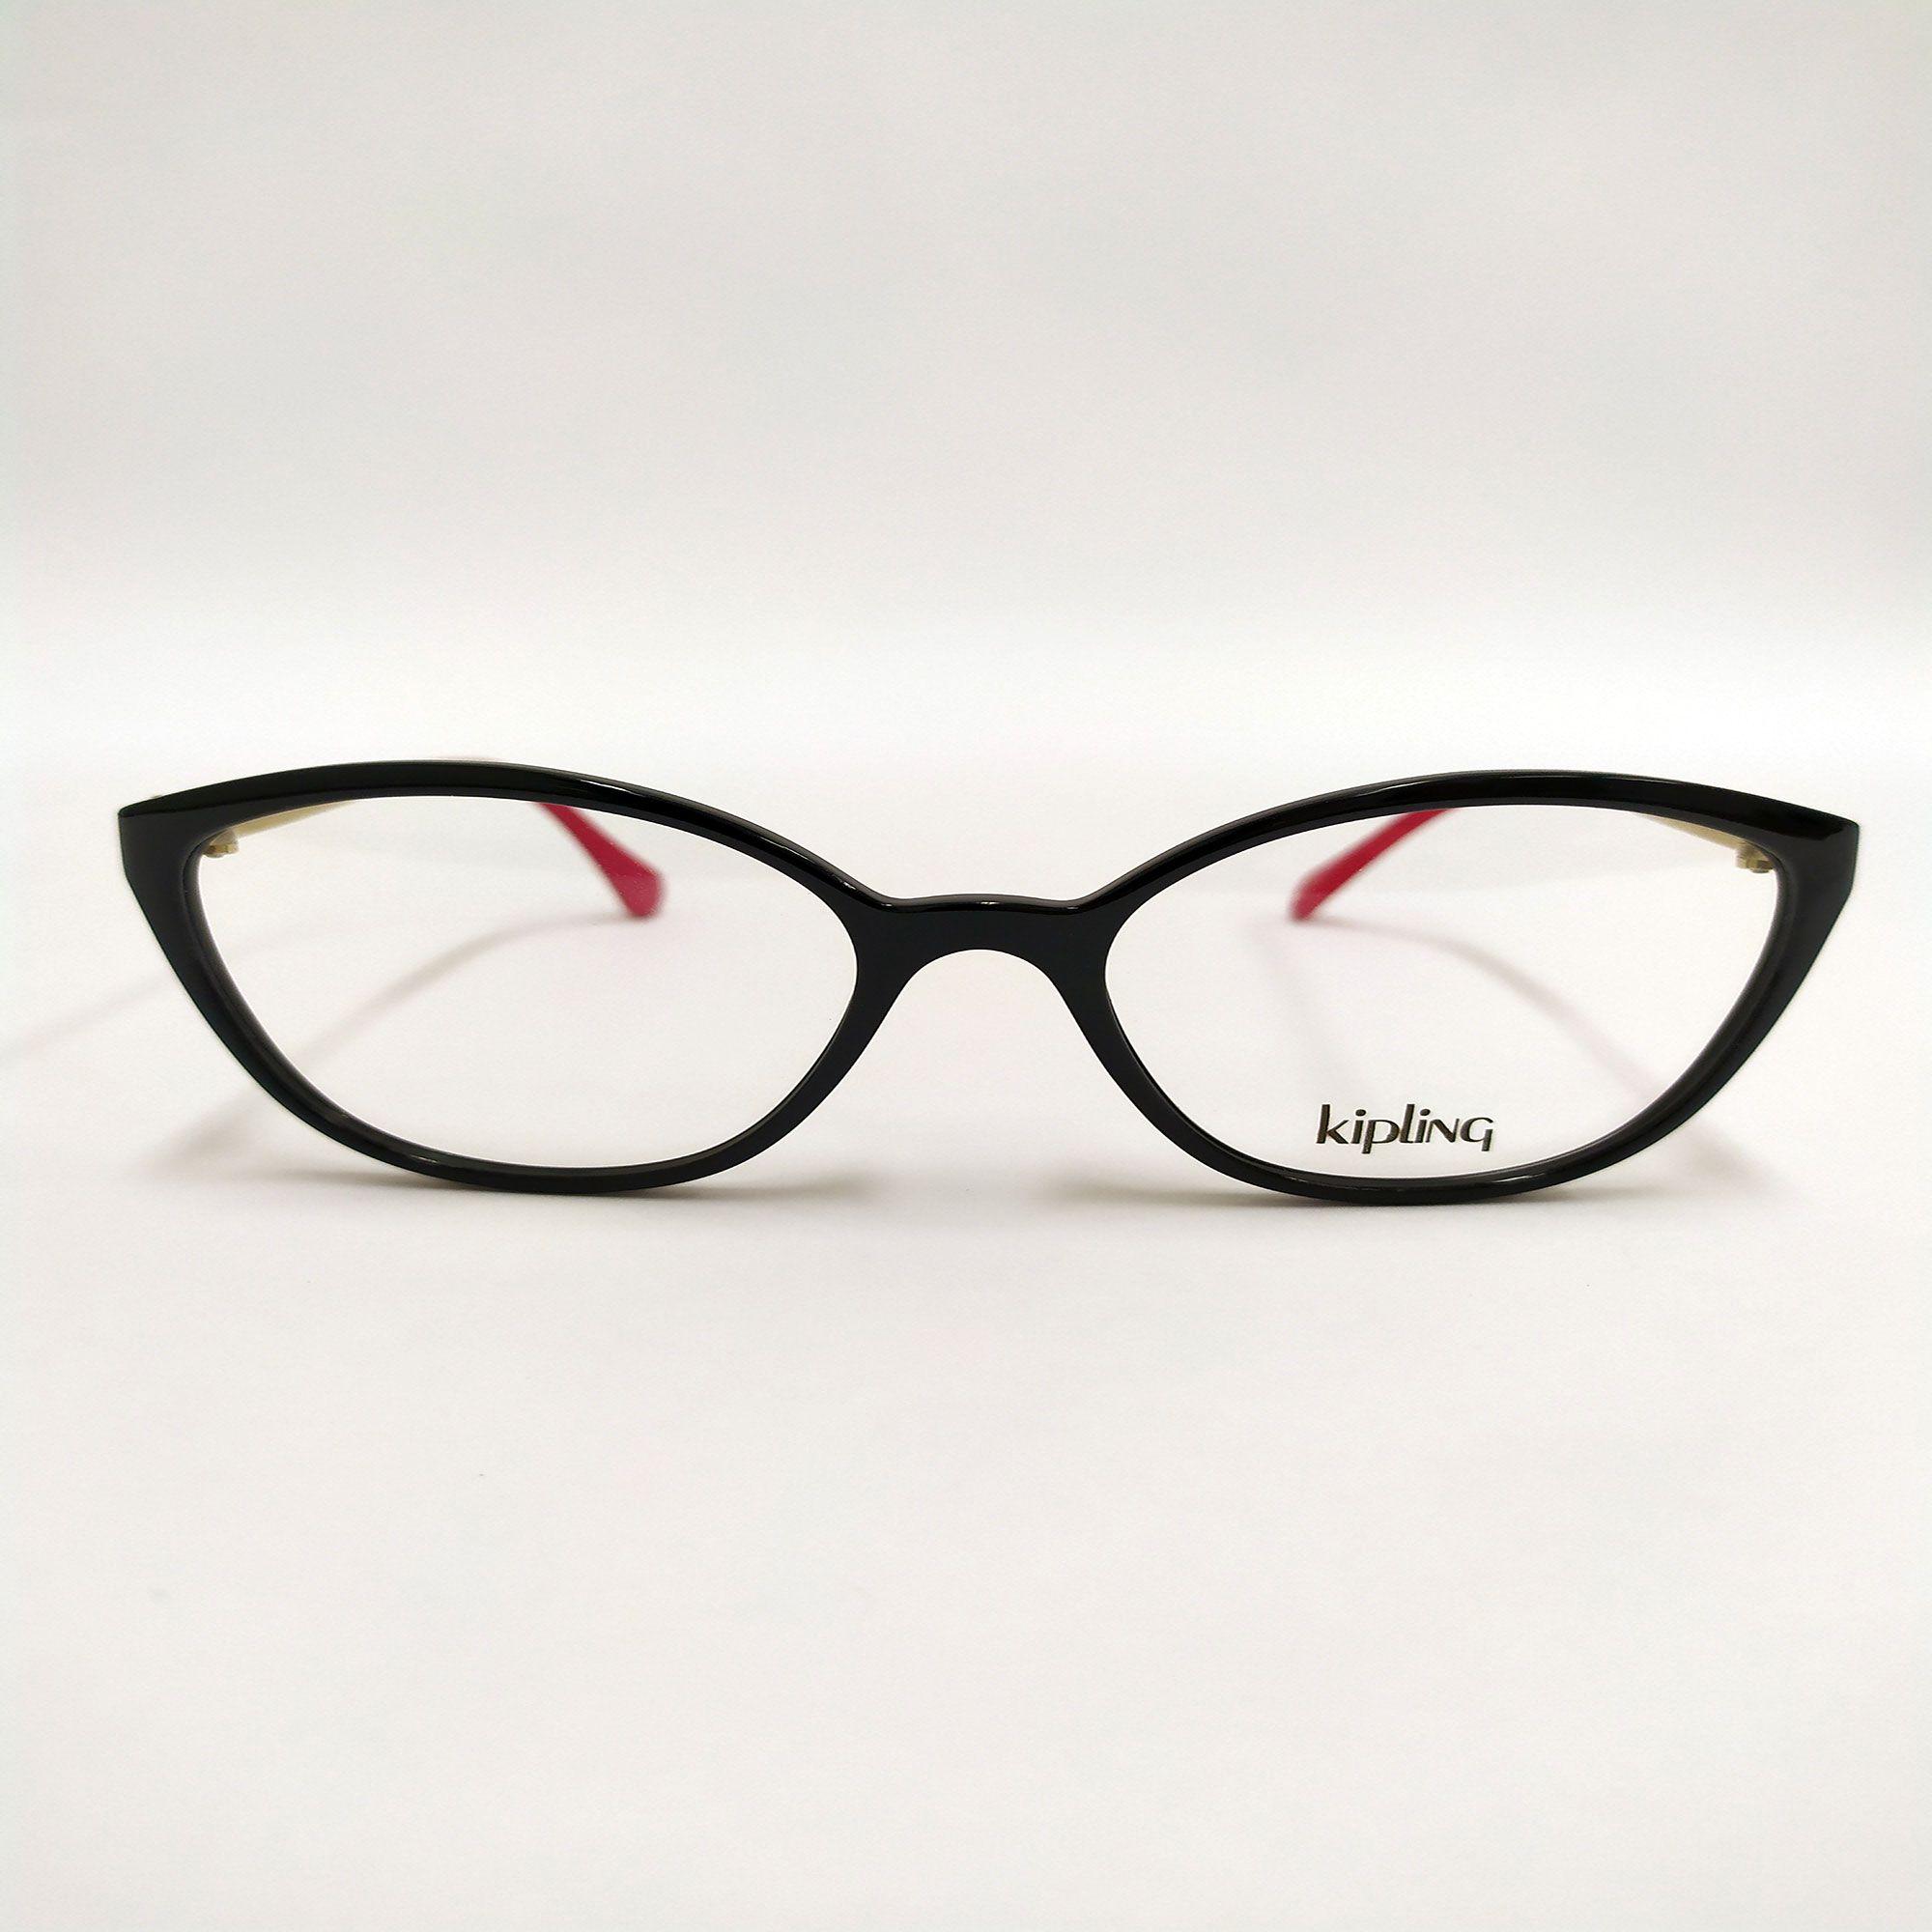 Óculos de Grau Kipling Preto e Rosa 3117 G508